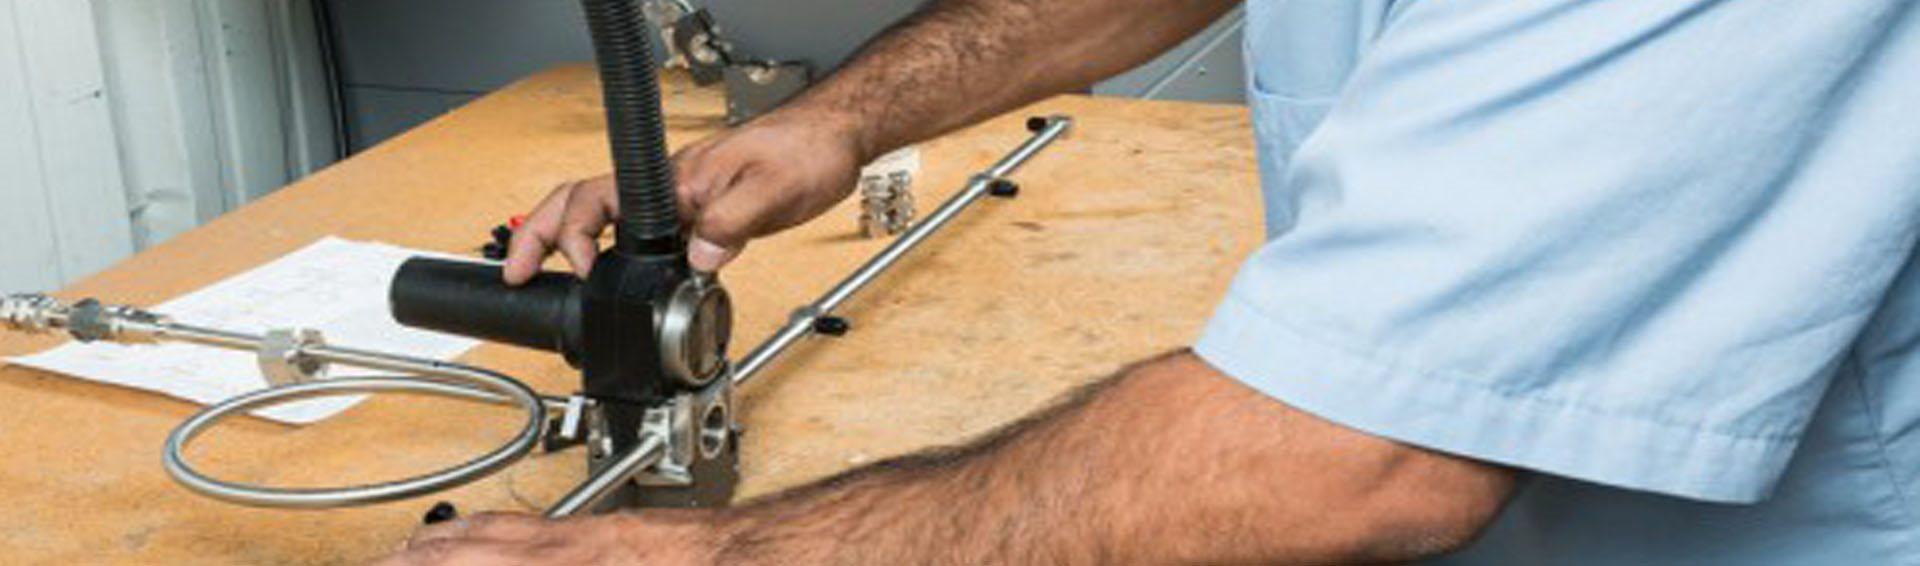 western-valve-welder